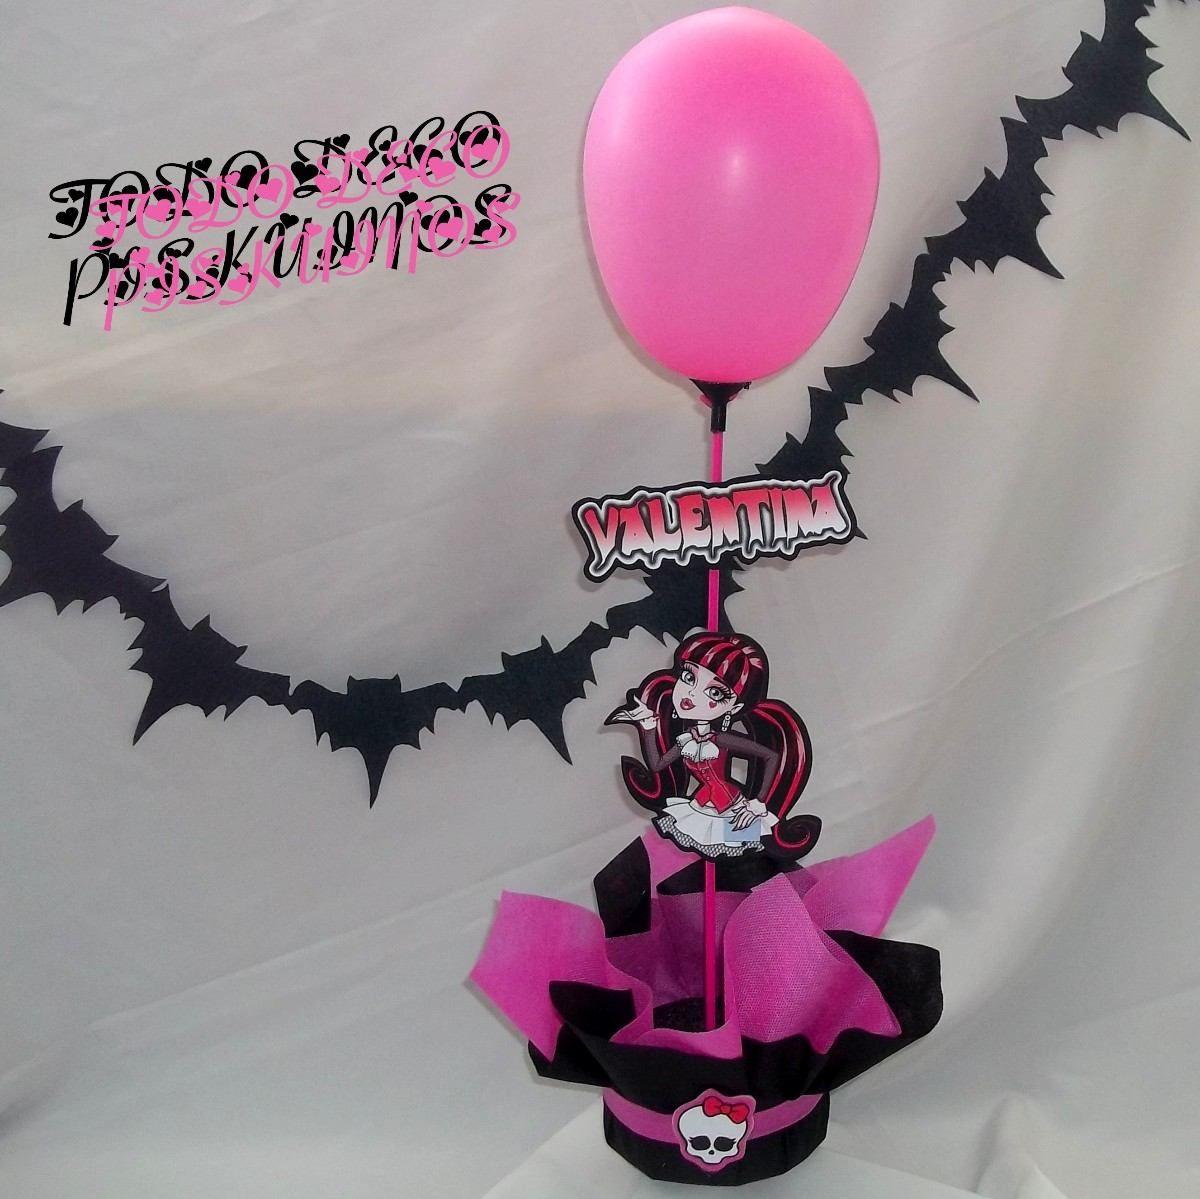 Monster High Draculaura Centros De Mesa - $ 120,00 en MercadoLibre |  Cumpleaños de monster high, Fiesta de monster high, Monster high